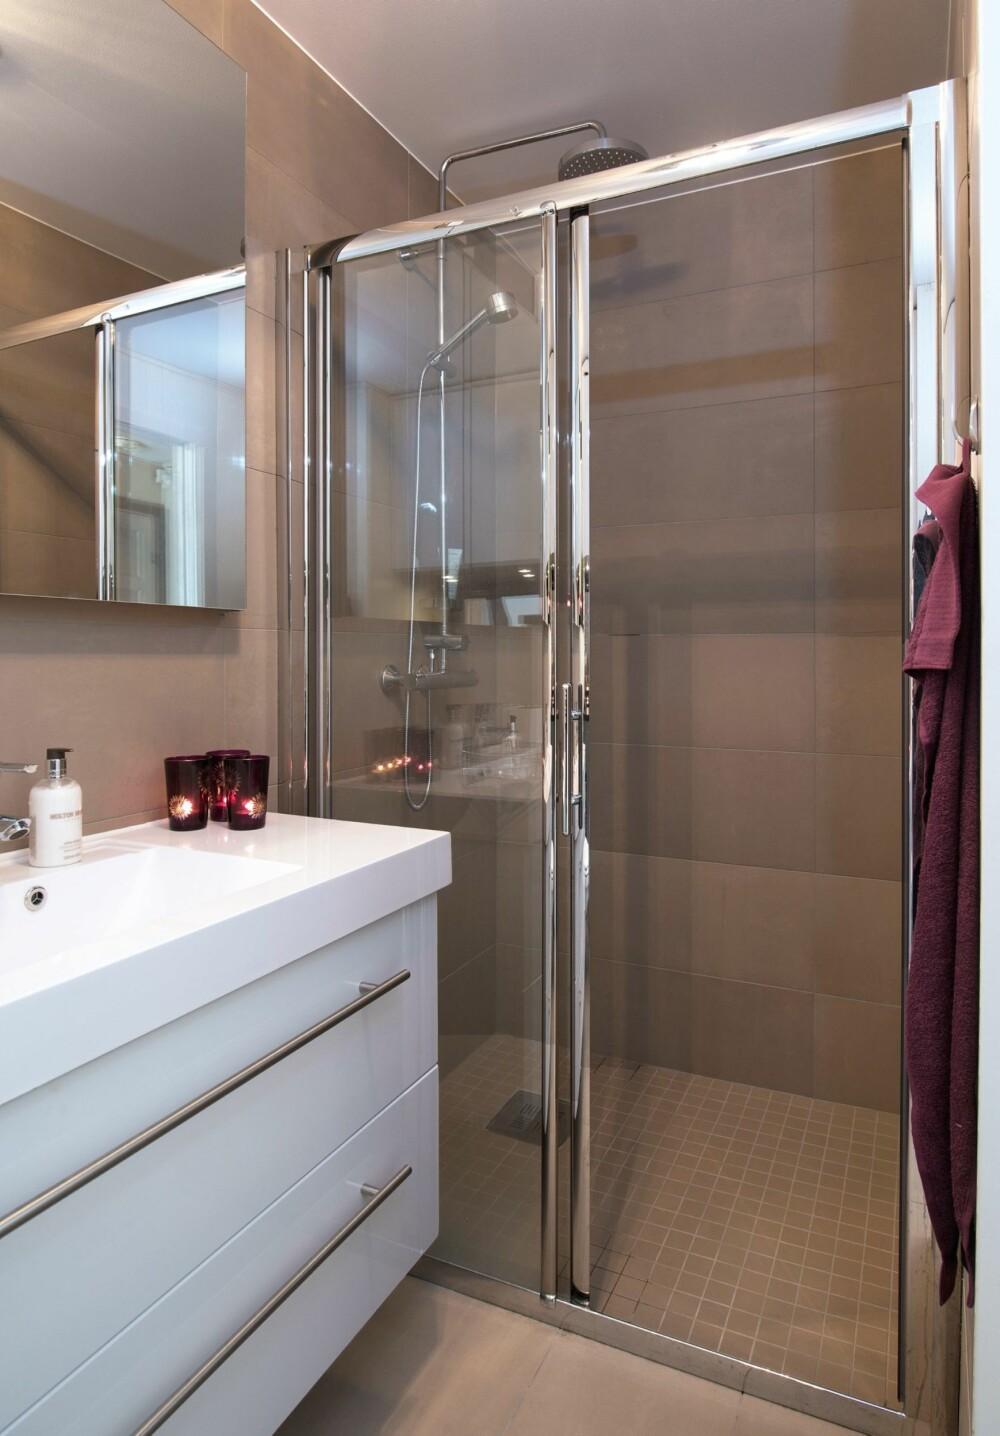 KLAR VEGG: Ved dusjen ble det valgt skyvedører i glass. Det gjør rommet tettere, men er en praktisk løsning som minimerer vannsøl. Skyvedører fra Holtan Trading. Servant med skuffer er Lind Monaco fra Megaflis. I våtsonen er det benyttet avlange, store fliser på veggen og små på gulvet. For øvrig er det mdf-plater på veggene der det ikke er vannsøl.